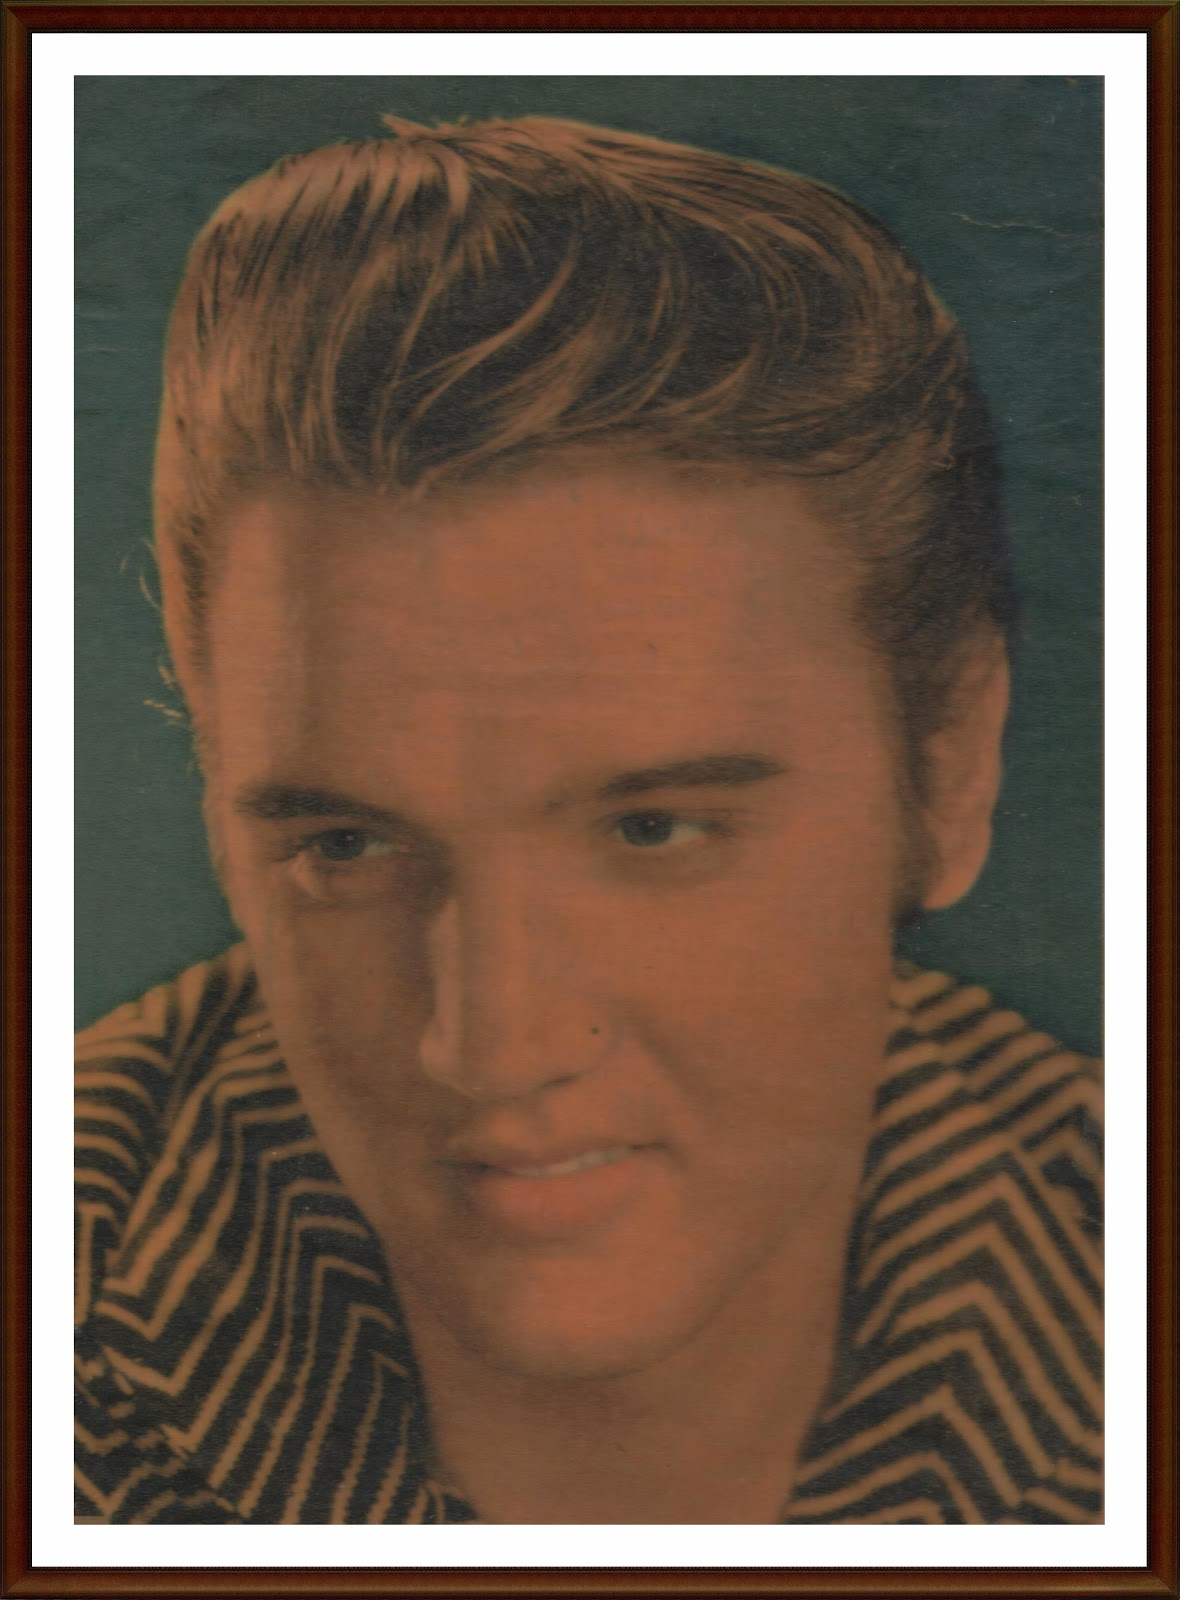 A young Elvis Presley